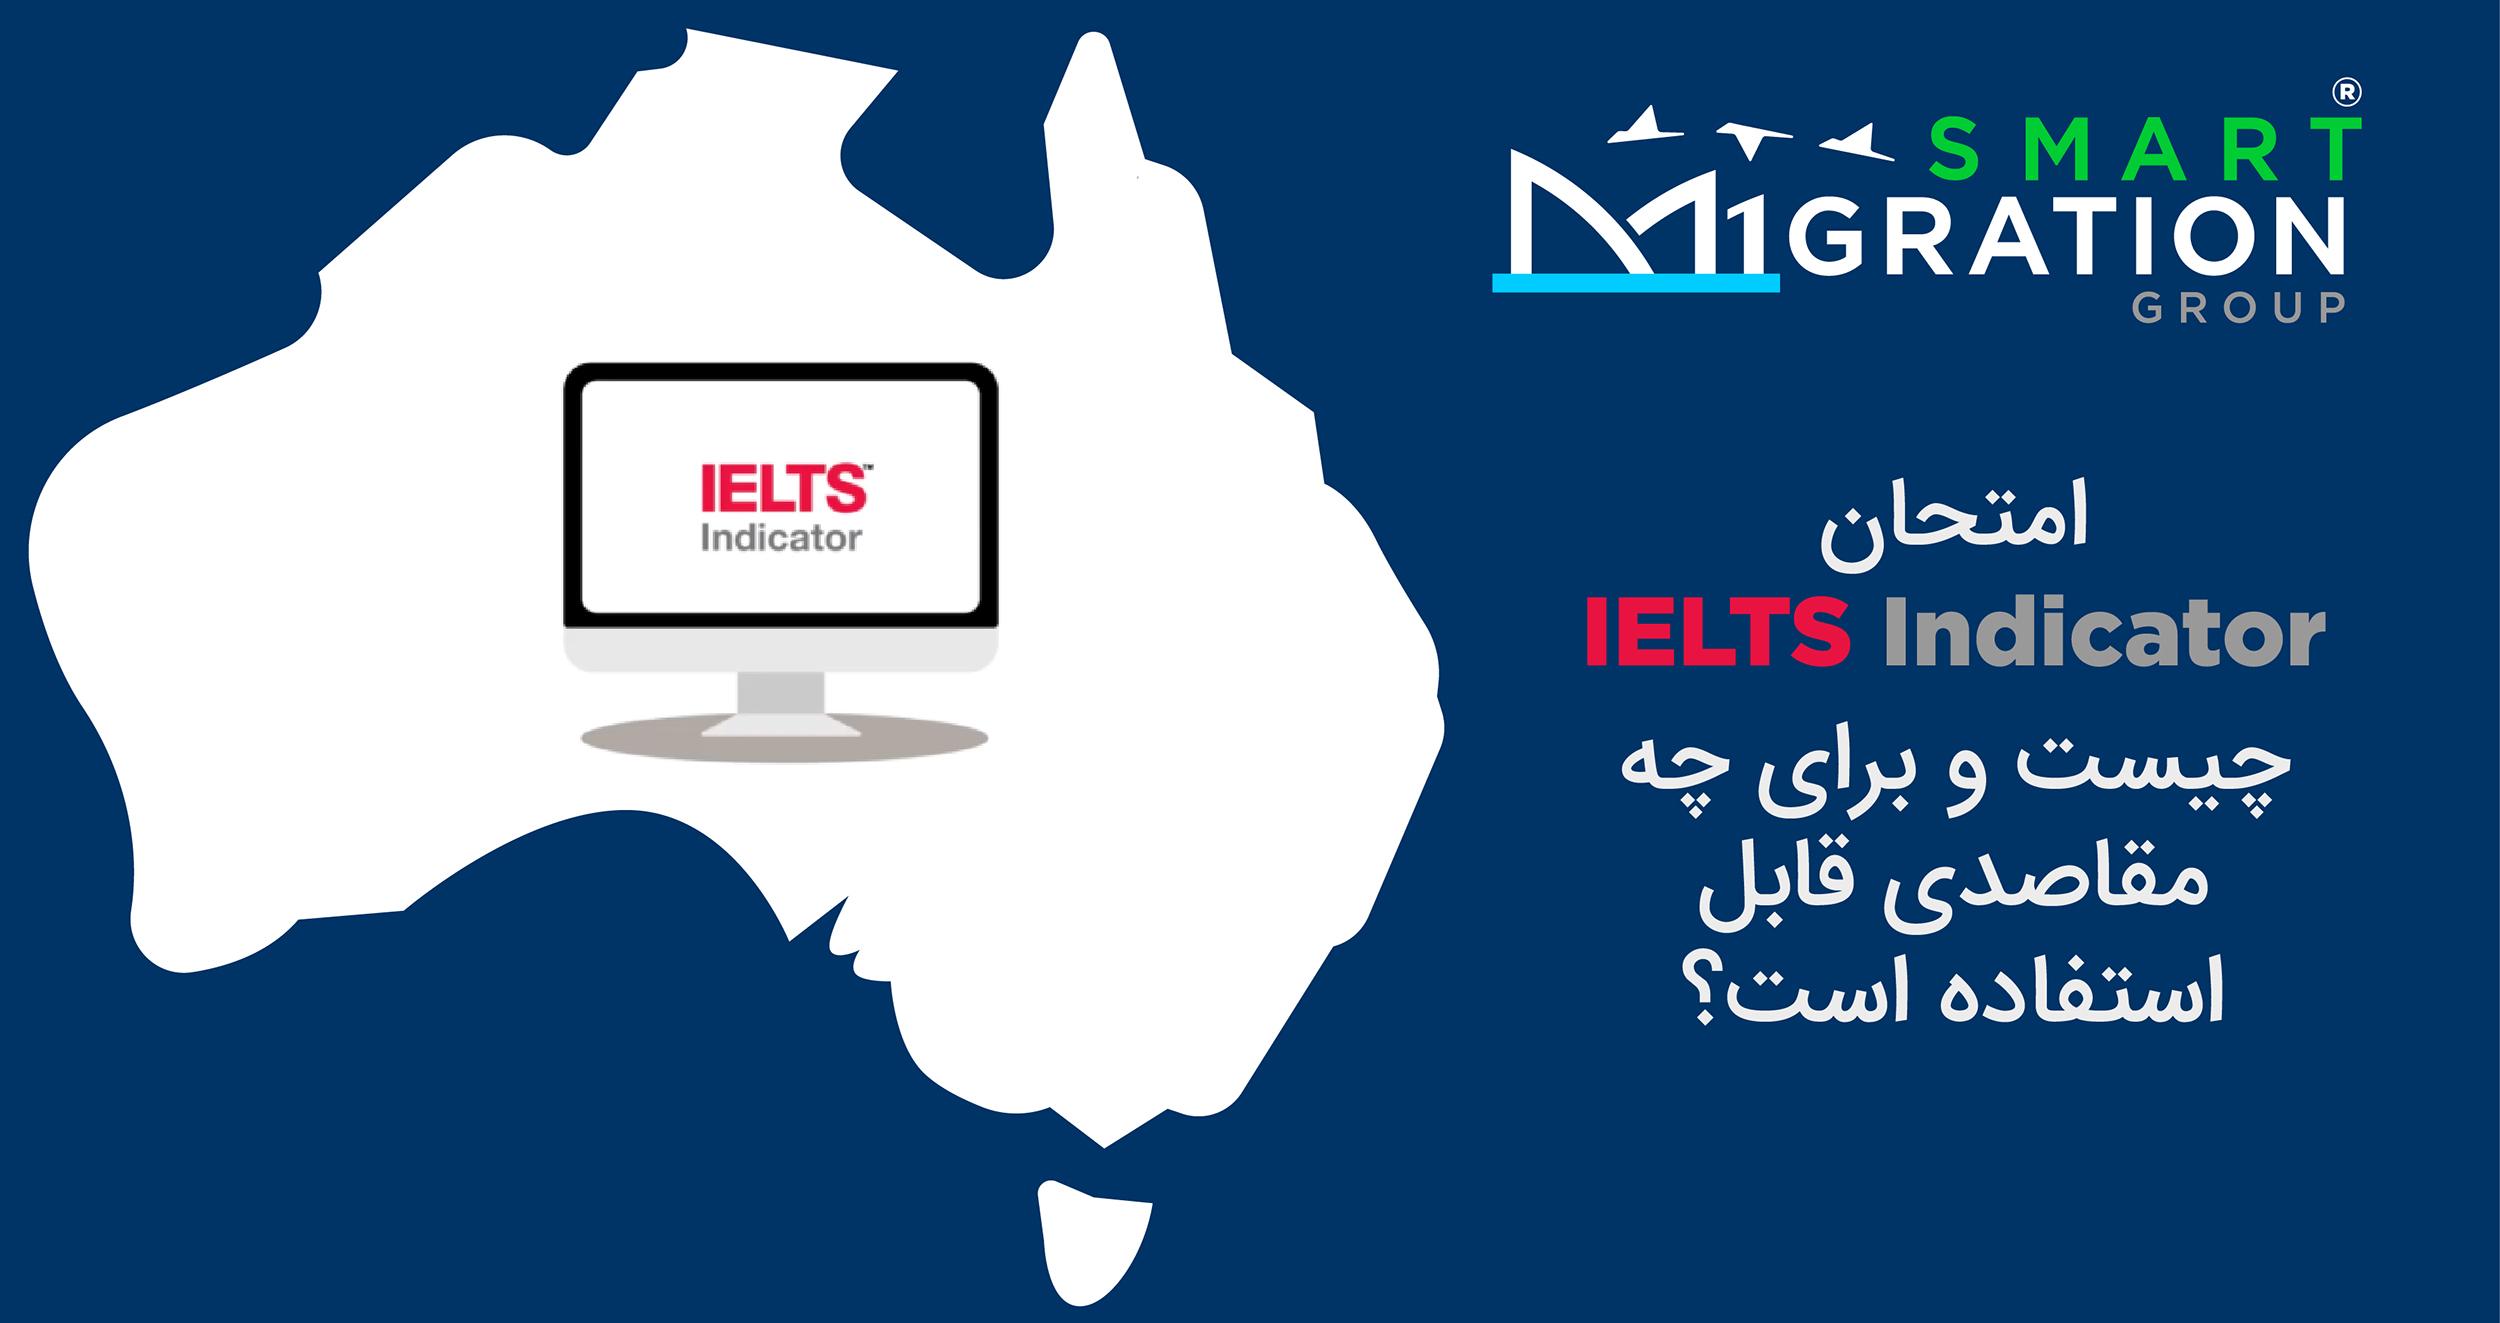 امتحان IELTS Indicator - مهاجرت به استرالیا - ویزای مهارت و تخصص - ویزای سرمایه گذاری استرالیا